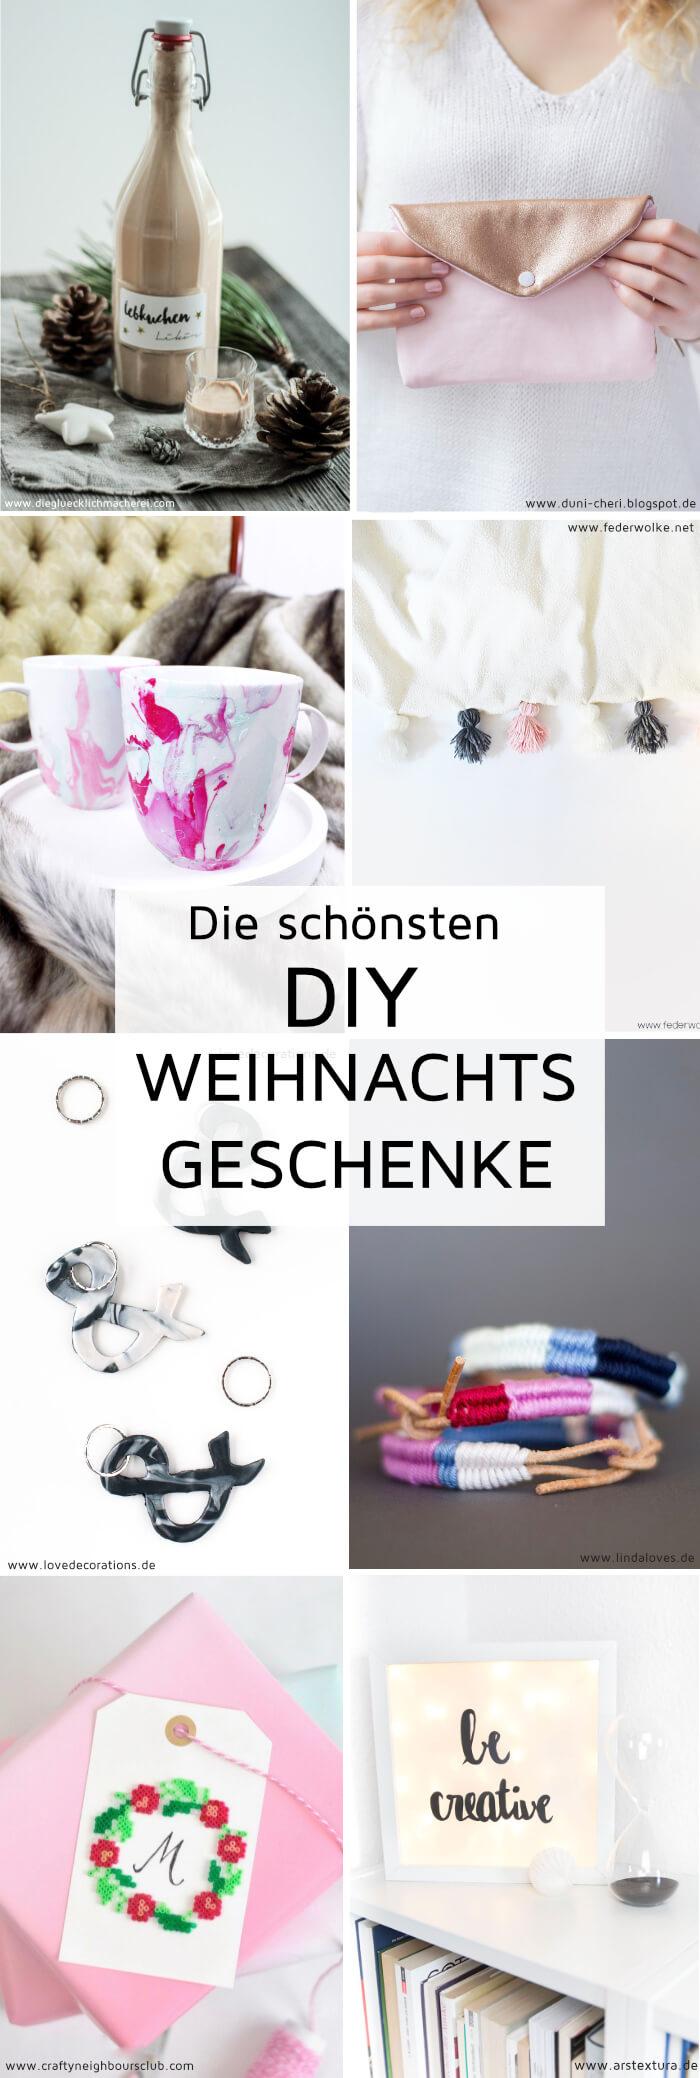 Beeindruckend Weihnachtsgeschenke Zum Selbermachen Ideen Von Diy-weihnachts-geschenke-selber-machen-weihnachtsgeschenke-diy-design-